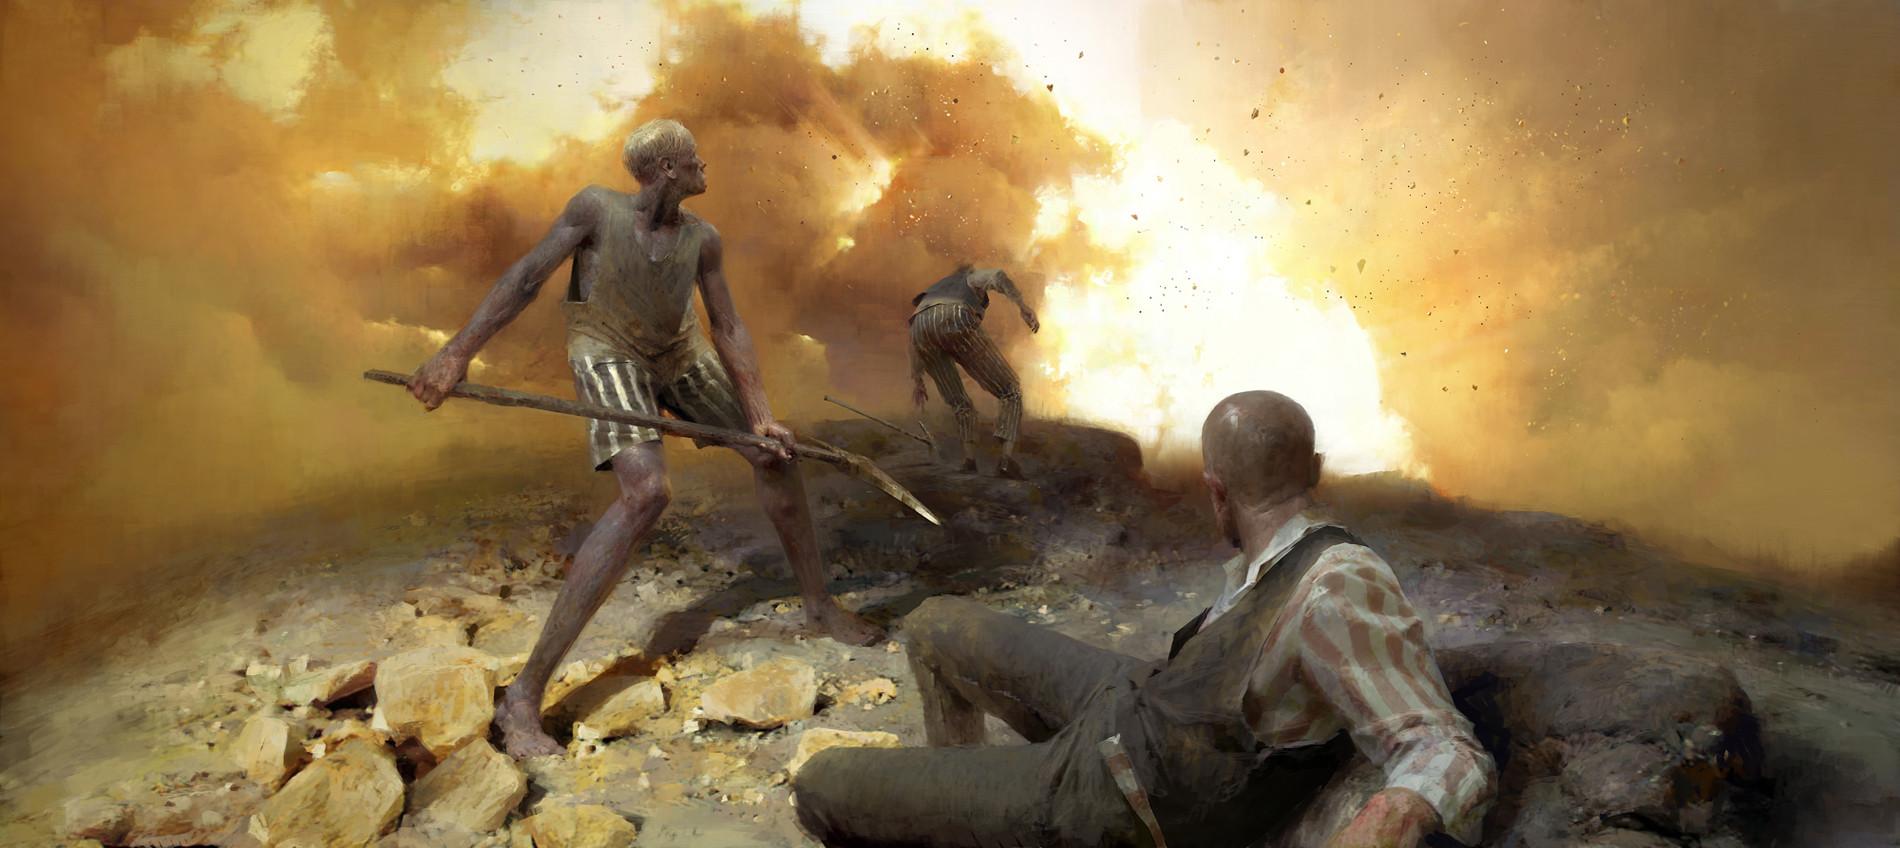 piotr-jablonski-mine-fire-forty-lives-lost-1900.jpg